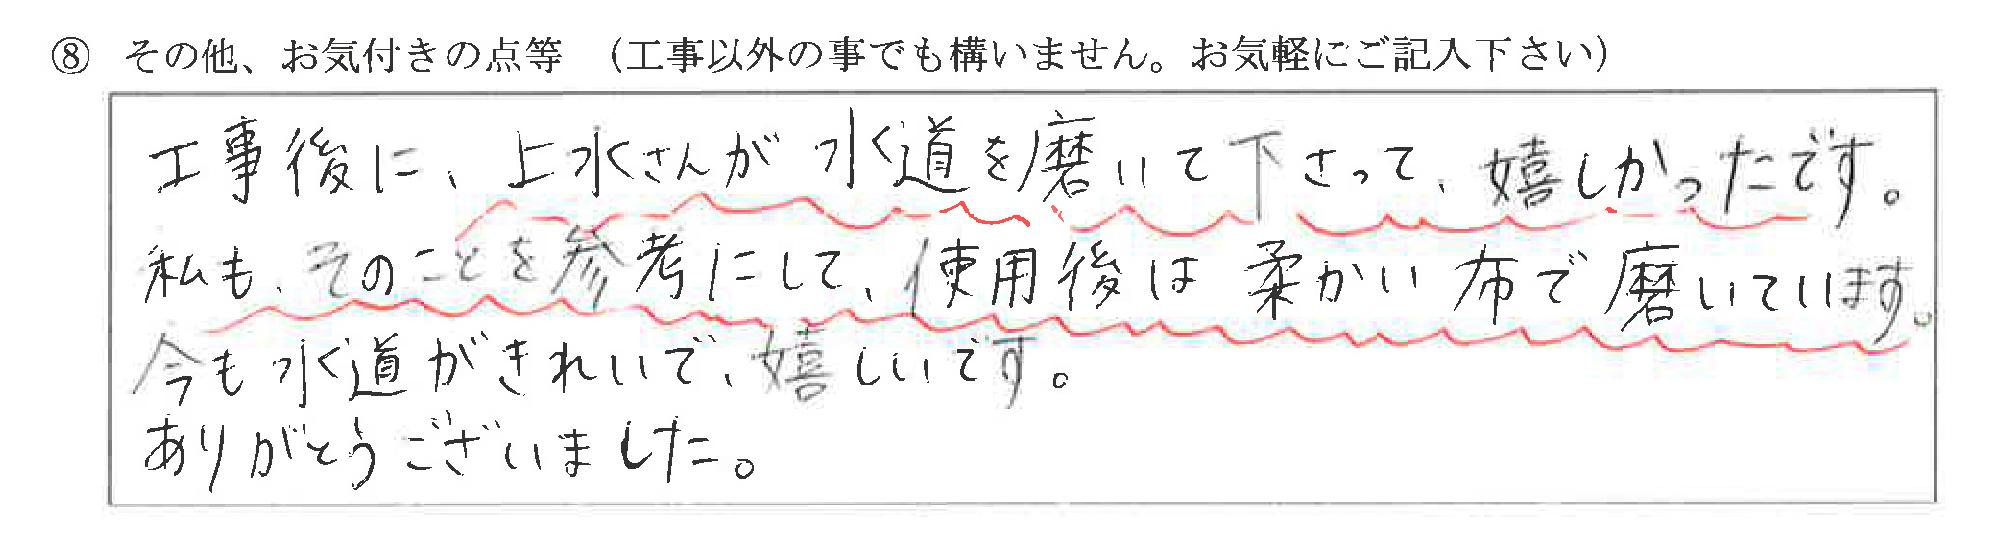 富山県富山市S様に頂いたキッチンシングルレバー混合栓取替えについてのお気づきの点がありましたら、お聞かせ下さい。というご質問について「シングルレバー混合栓(キッチン)取替え工事【お喜びの声】」というお声についての画像